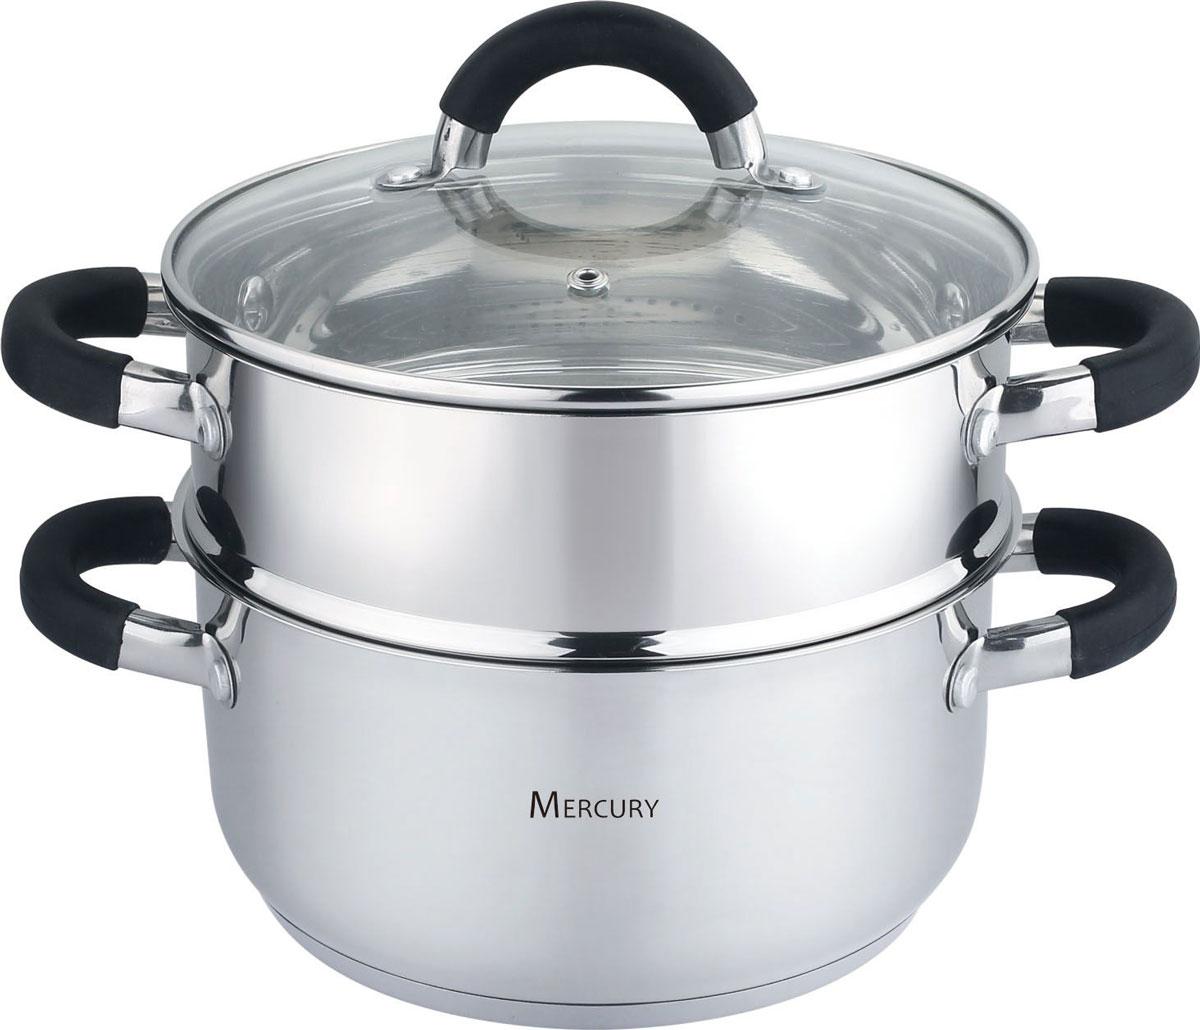 Пароварка Mercury, 2 уровня, 3,5 л. MC-6652MC-6652Пароварка Mercury – двухуровневая посуда для приготовления диетических блюд на водяном пару. Принцип работы пароварки прост: на дно кастрюли наливается вода, которая при нагревании образует пар. Пар проходит через отверстия в поддонах и воздействует на продукты, которые размещены непосредственно на платформах. Пароварка Mercury не только станет идеальным дополнением на кухне, но и позволит перевести приготовление ваших любимых блюд на качественно новый уровень. В набор входят кастрюля, кастрюля с отверстиями и плотно прилегающая стеклянная крышка с металлическим ободком. Пароварка выполнена из высококачественной нержавеющей стали 18/10. Ненагревающиесия ручки выполнены из нержавеющей стали в комбинации с силиконом.Подходит для всех типов плитки, в том числе и для индукционных.